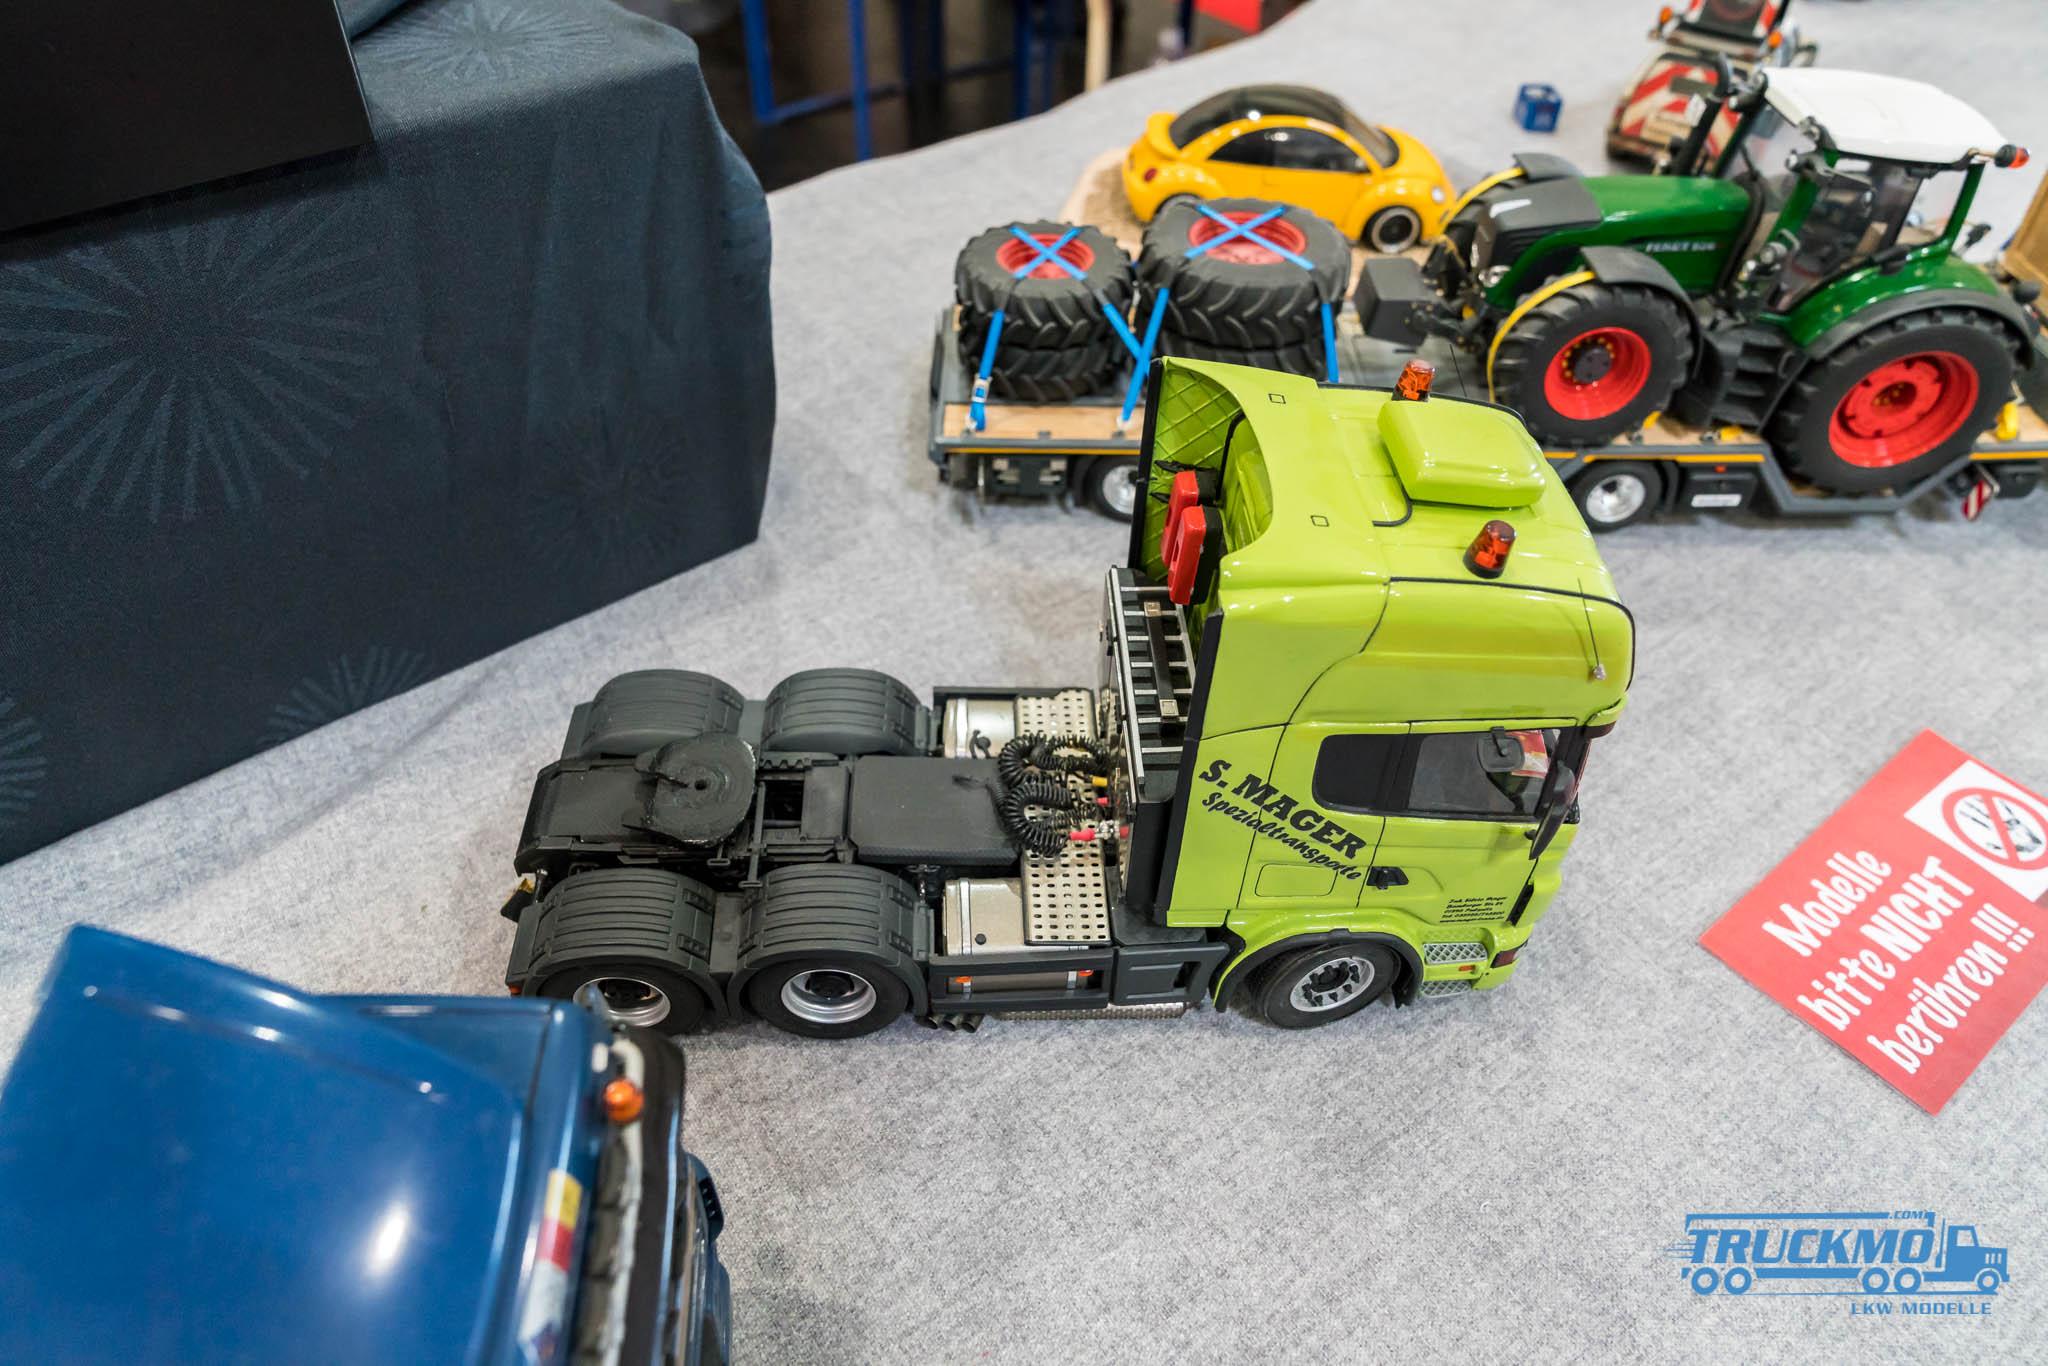 Truckmo_Modellbau_Ried_2017_Herpa_Messe_Modellbauausstellung (400 von 1177)